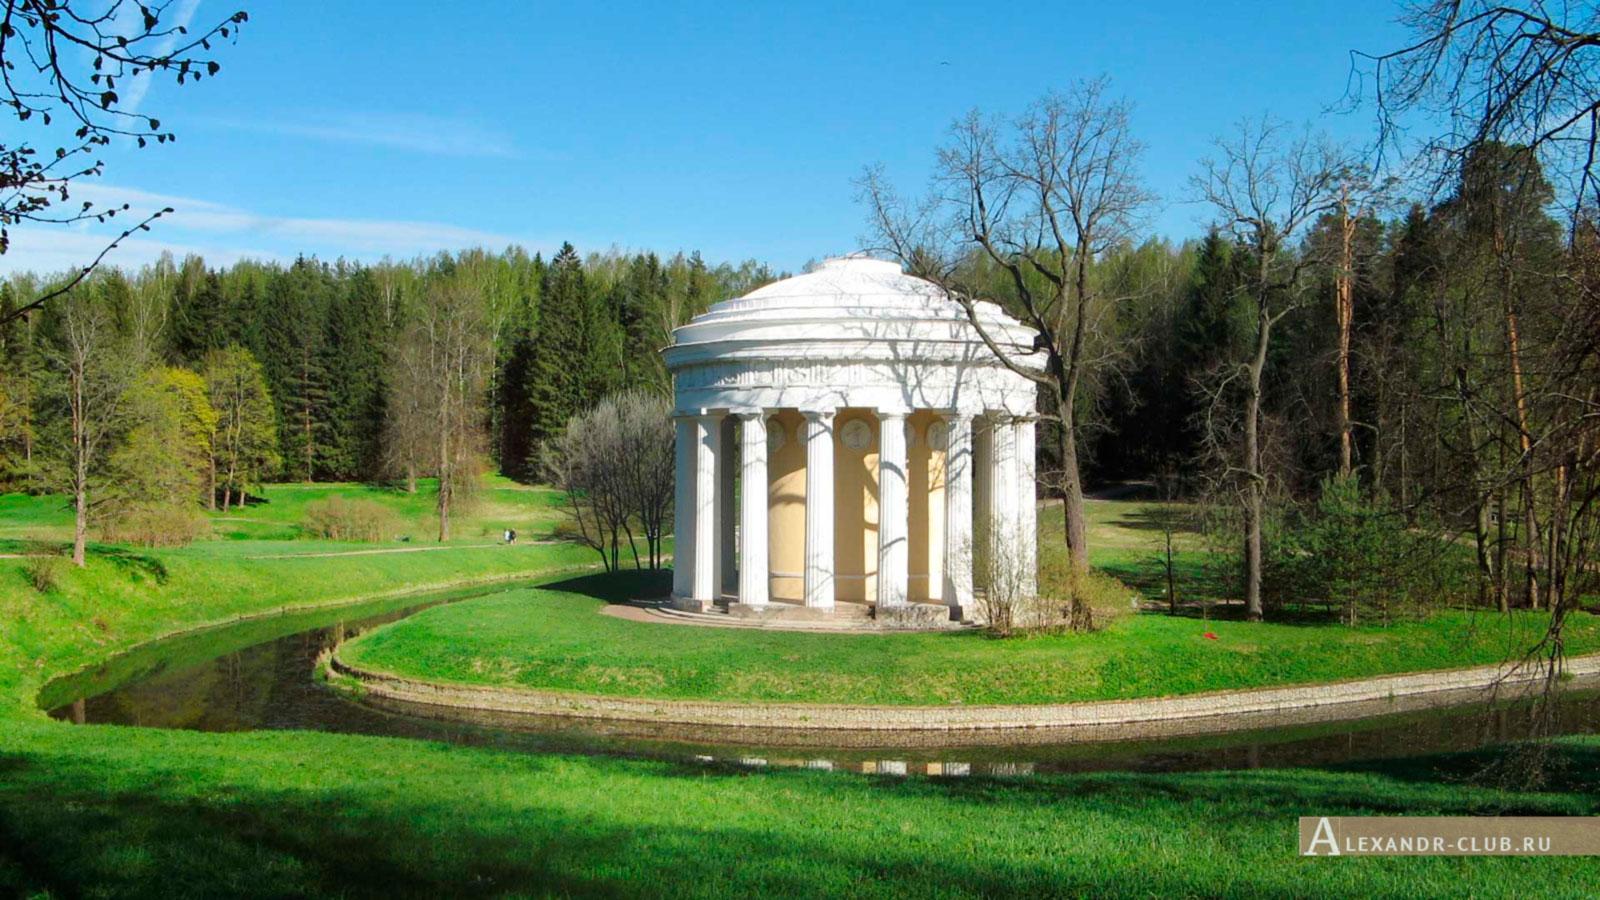 Павловский парк, весна, Храм Дружбы